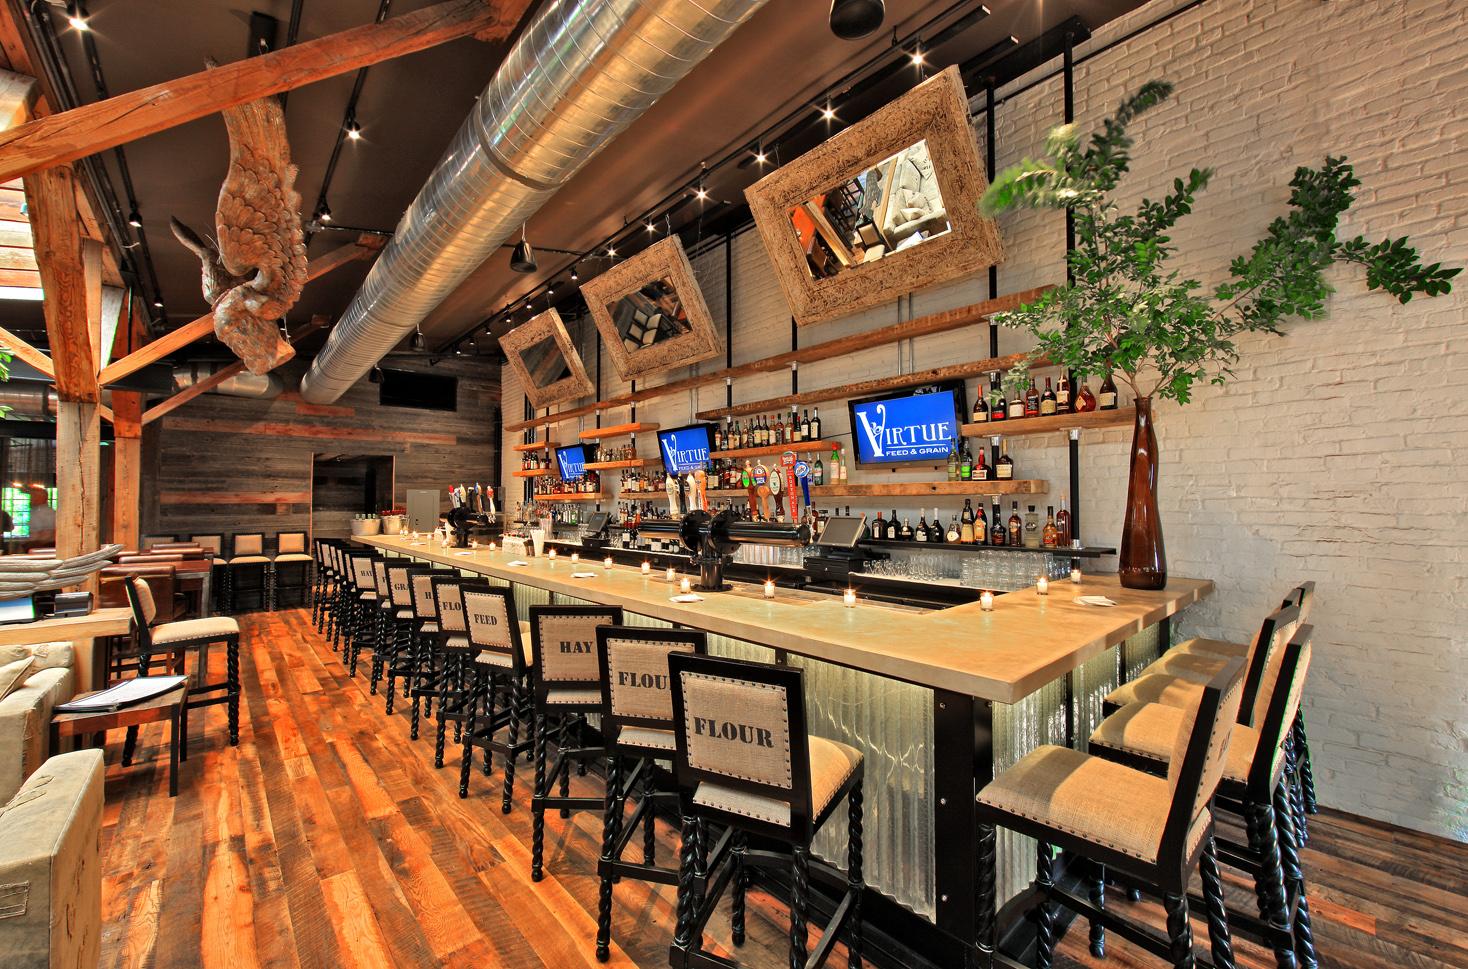 kaper design; restaurant & hospitality design inspiration: virtue